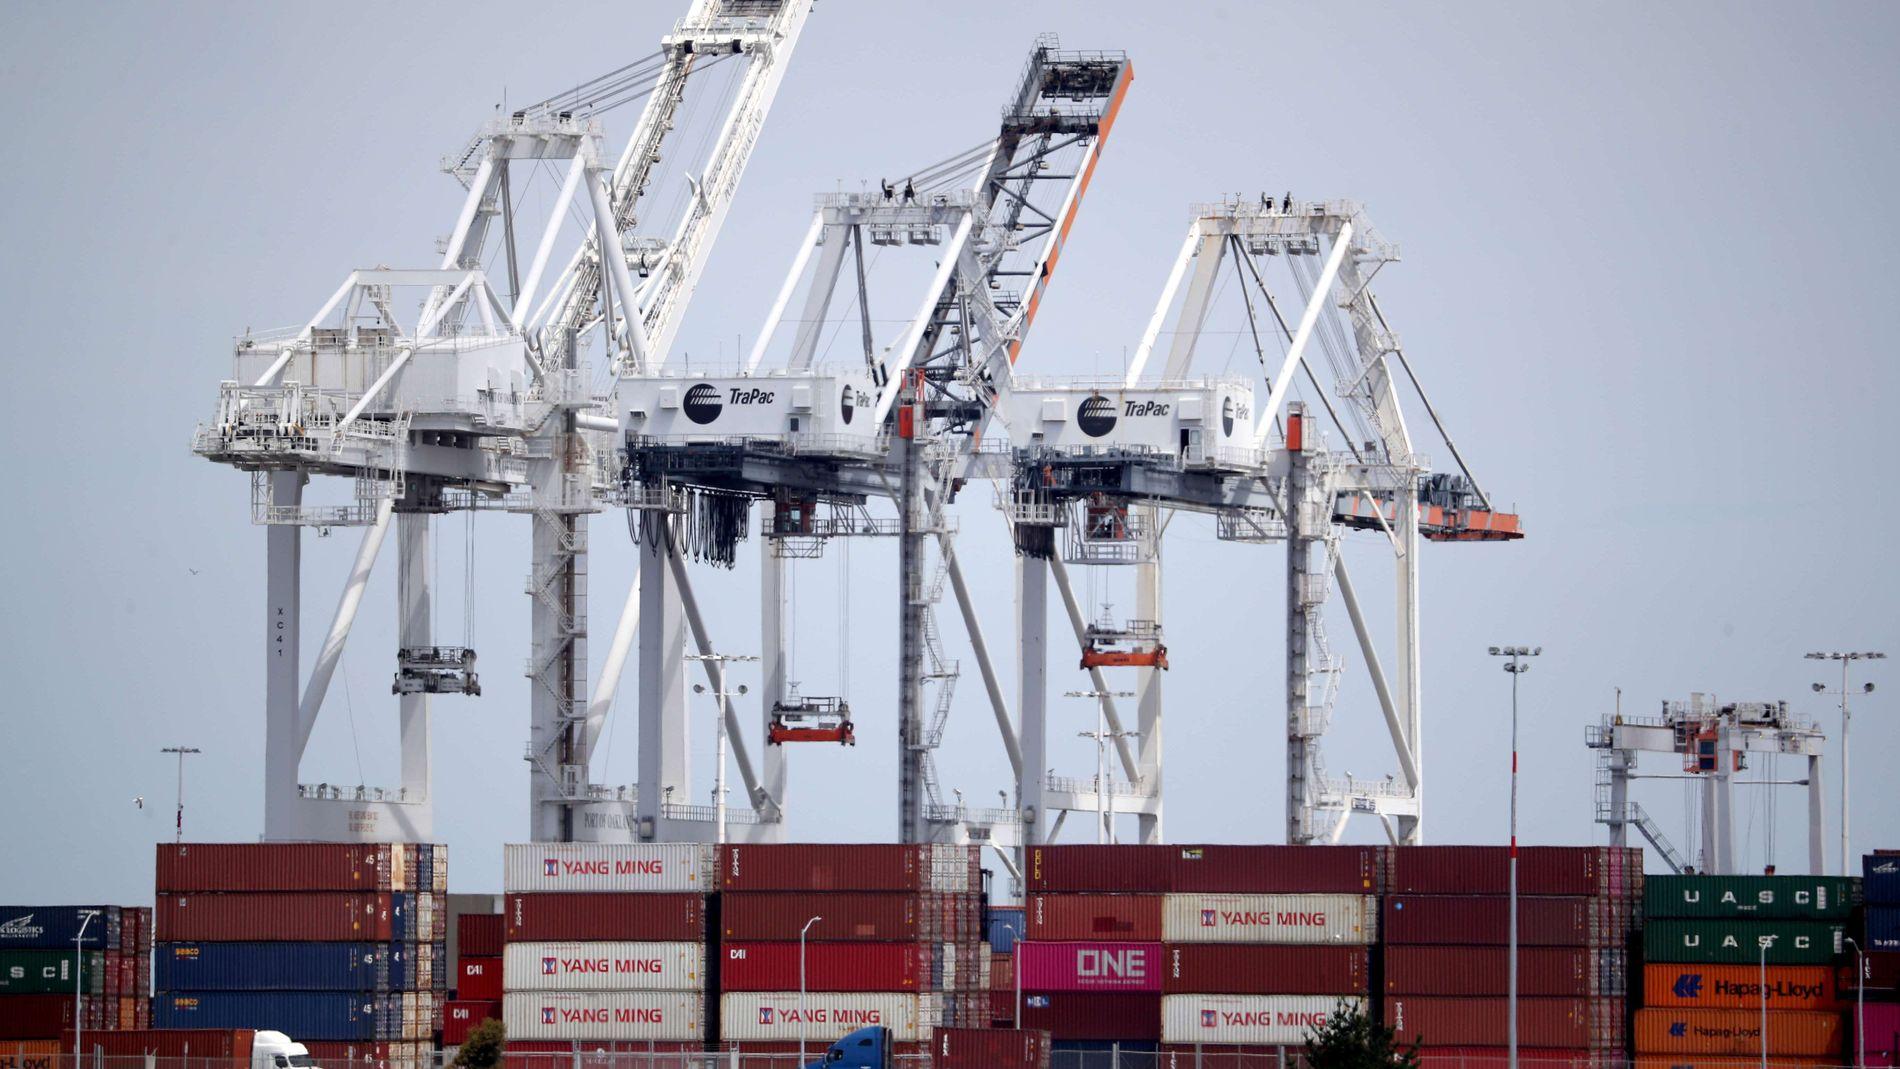 DUNDRER PÅ: Kinesisk import til USA øker, til tross for opptrappingen av handelskrigen mellom landene. Her er containere med varer fra Kina som ankom Oakland i California 13. mai, tre dager etter USA innførte straffetoll på kinesiske varer verdt 200 milliarder dollar.